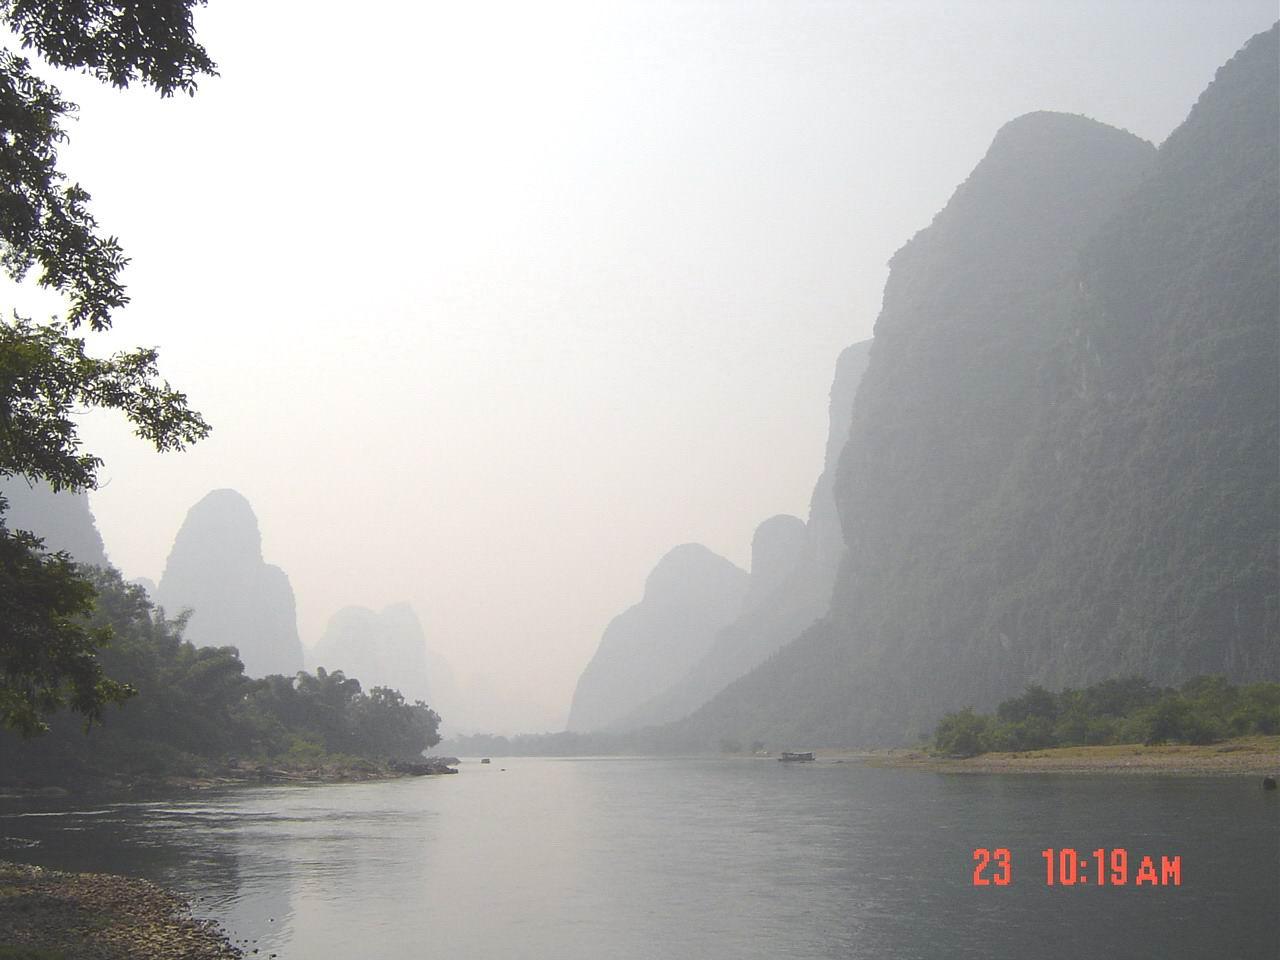 (桂林山水) (香烟包装上的图片) (桂林山水2) (九马画山) (上岸小憩)